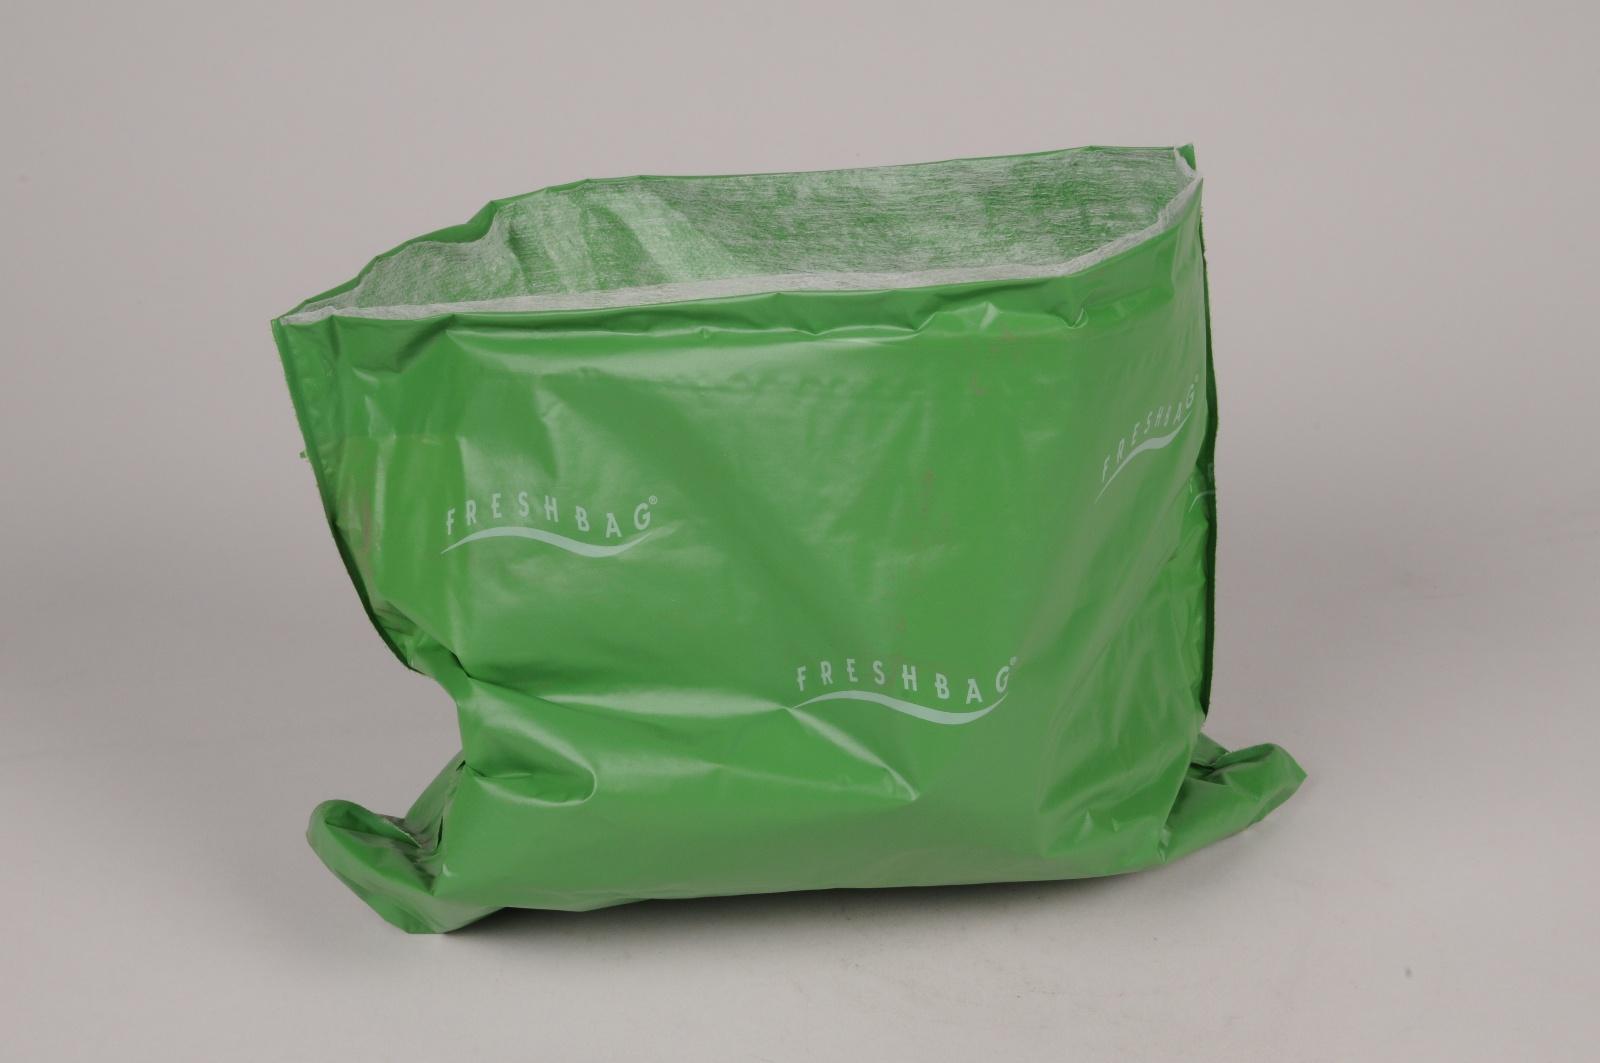 B212QV Paquet de 20 sacs de transport de fleurs 25x20cm